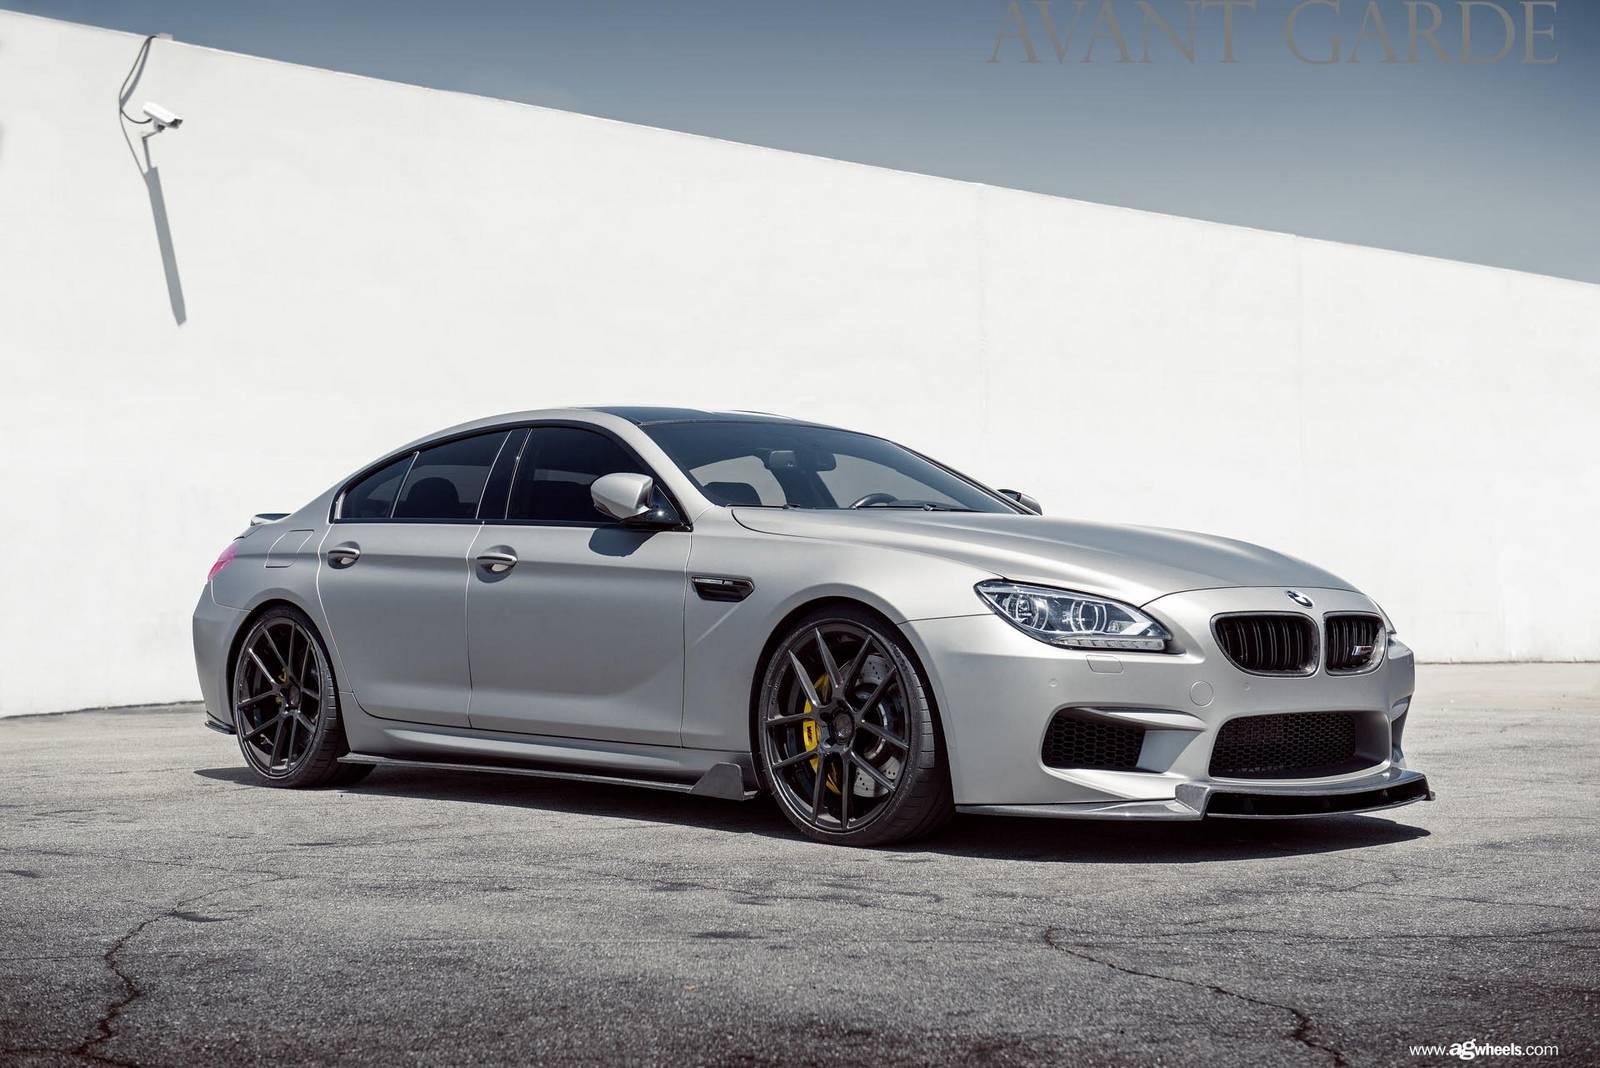 Matte Grey Enlaes EGT6 BMW M6 Gran Coupe - GTspirit